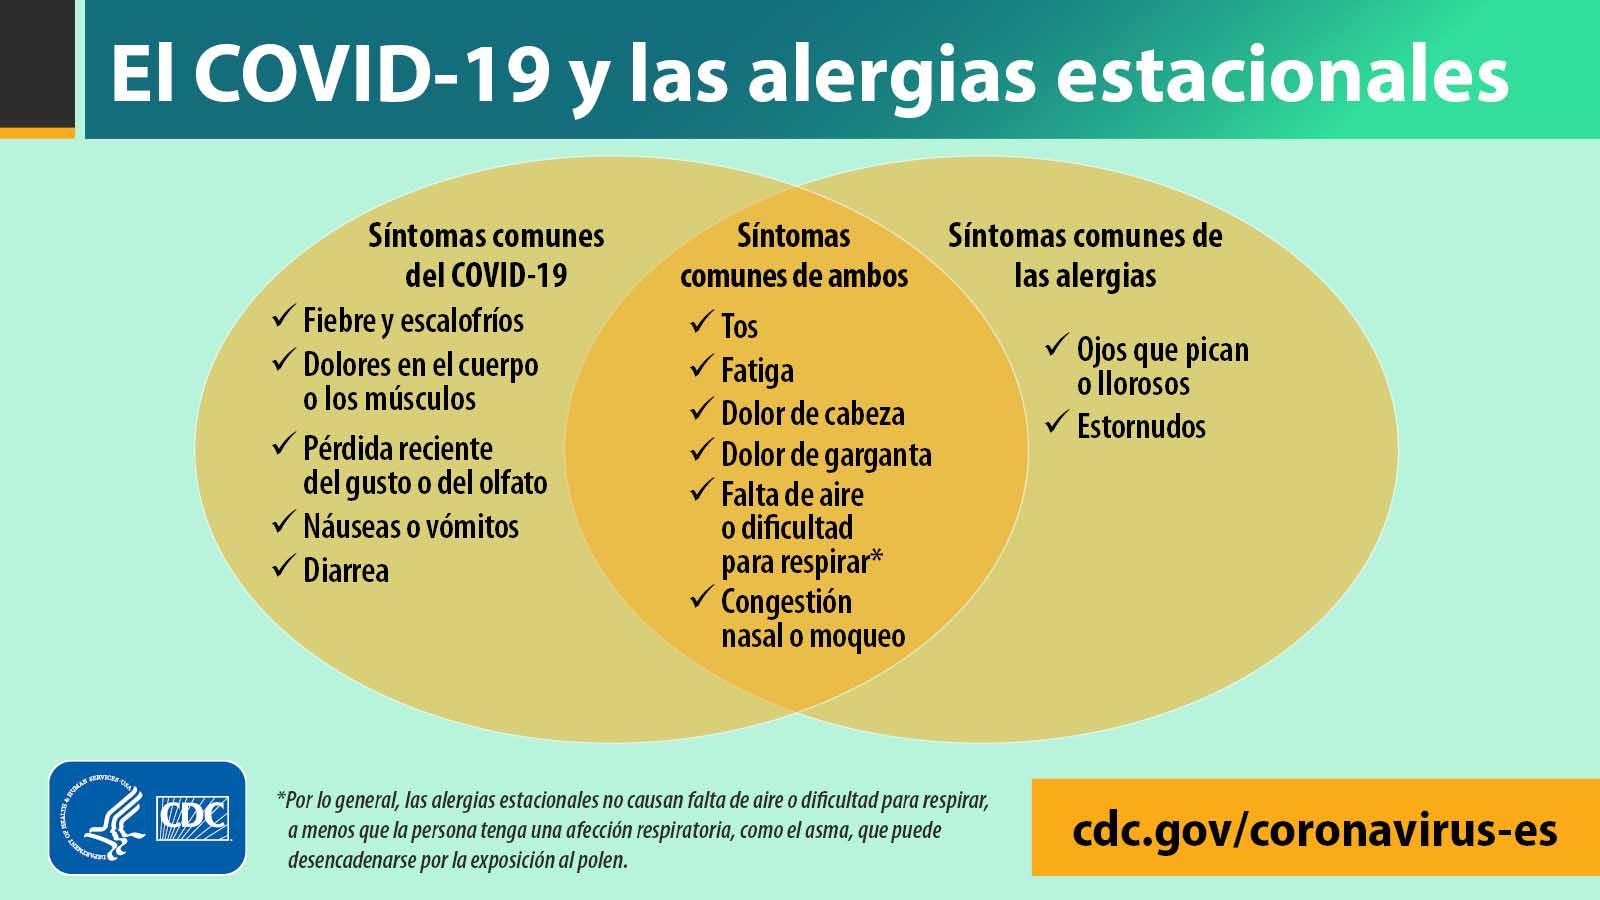 Diferencias de las alergias estacionales